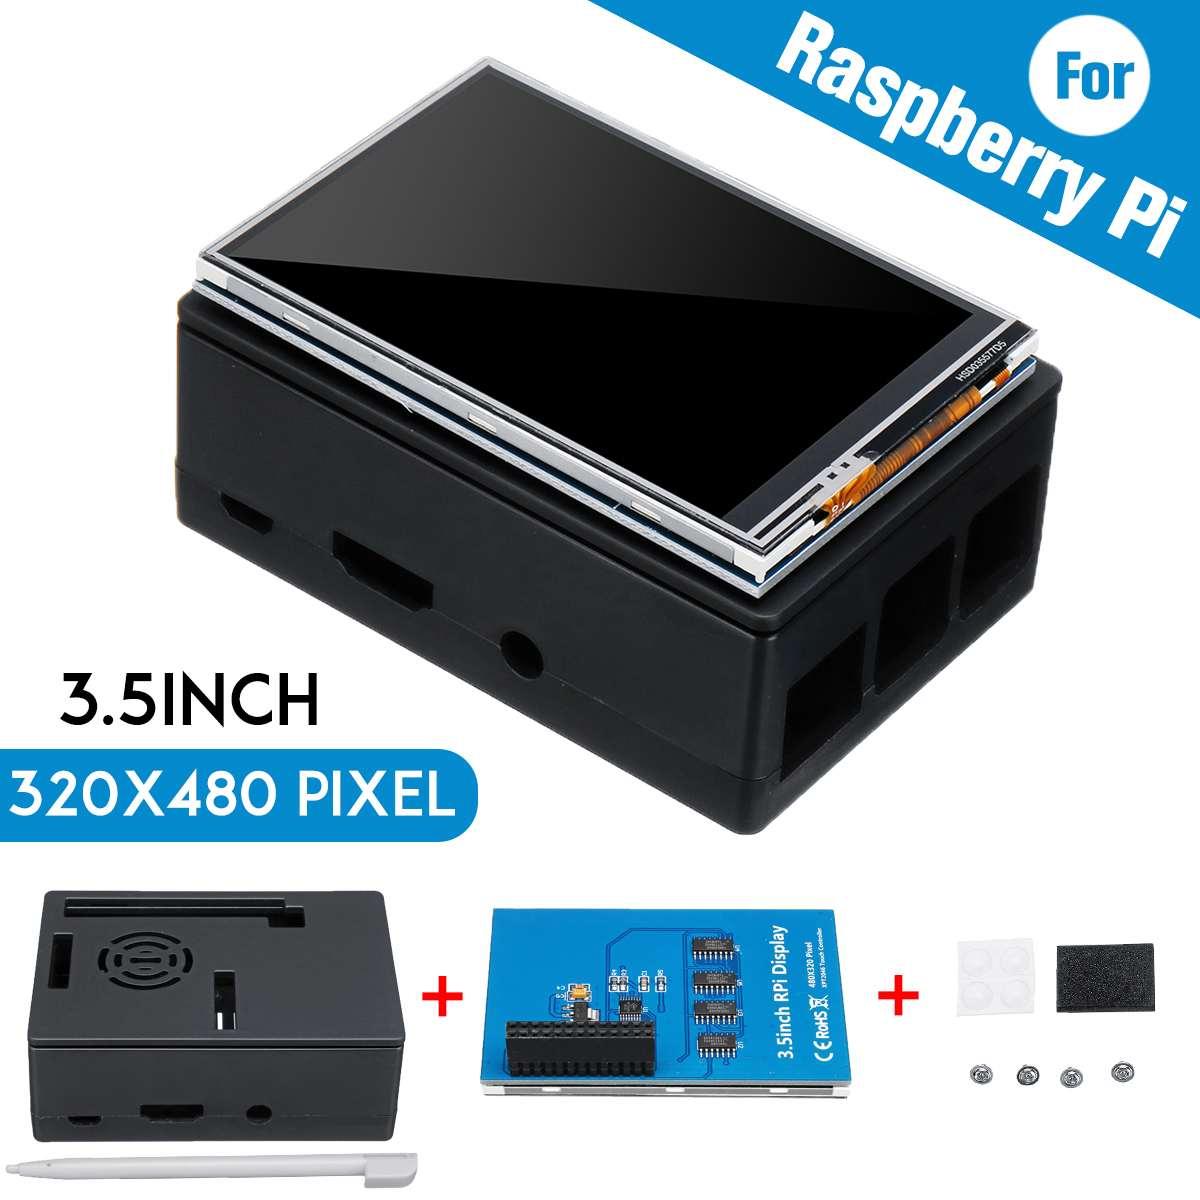 Для Raspberry Pi 3 цвета TFT Tou ch экран ЖК-дисплей 3,5 дюймов + ABS чехол + стилус ЖК-дисплей монитор набор для Raspberry Pi